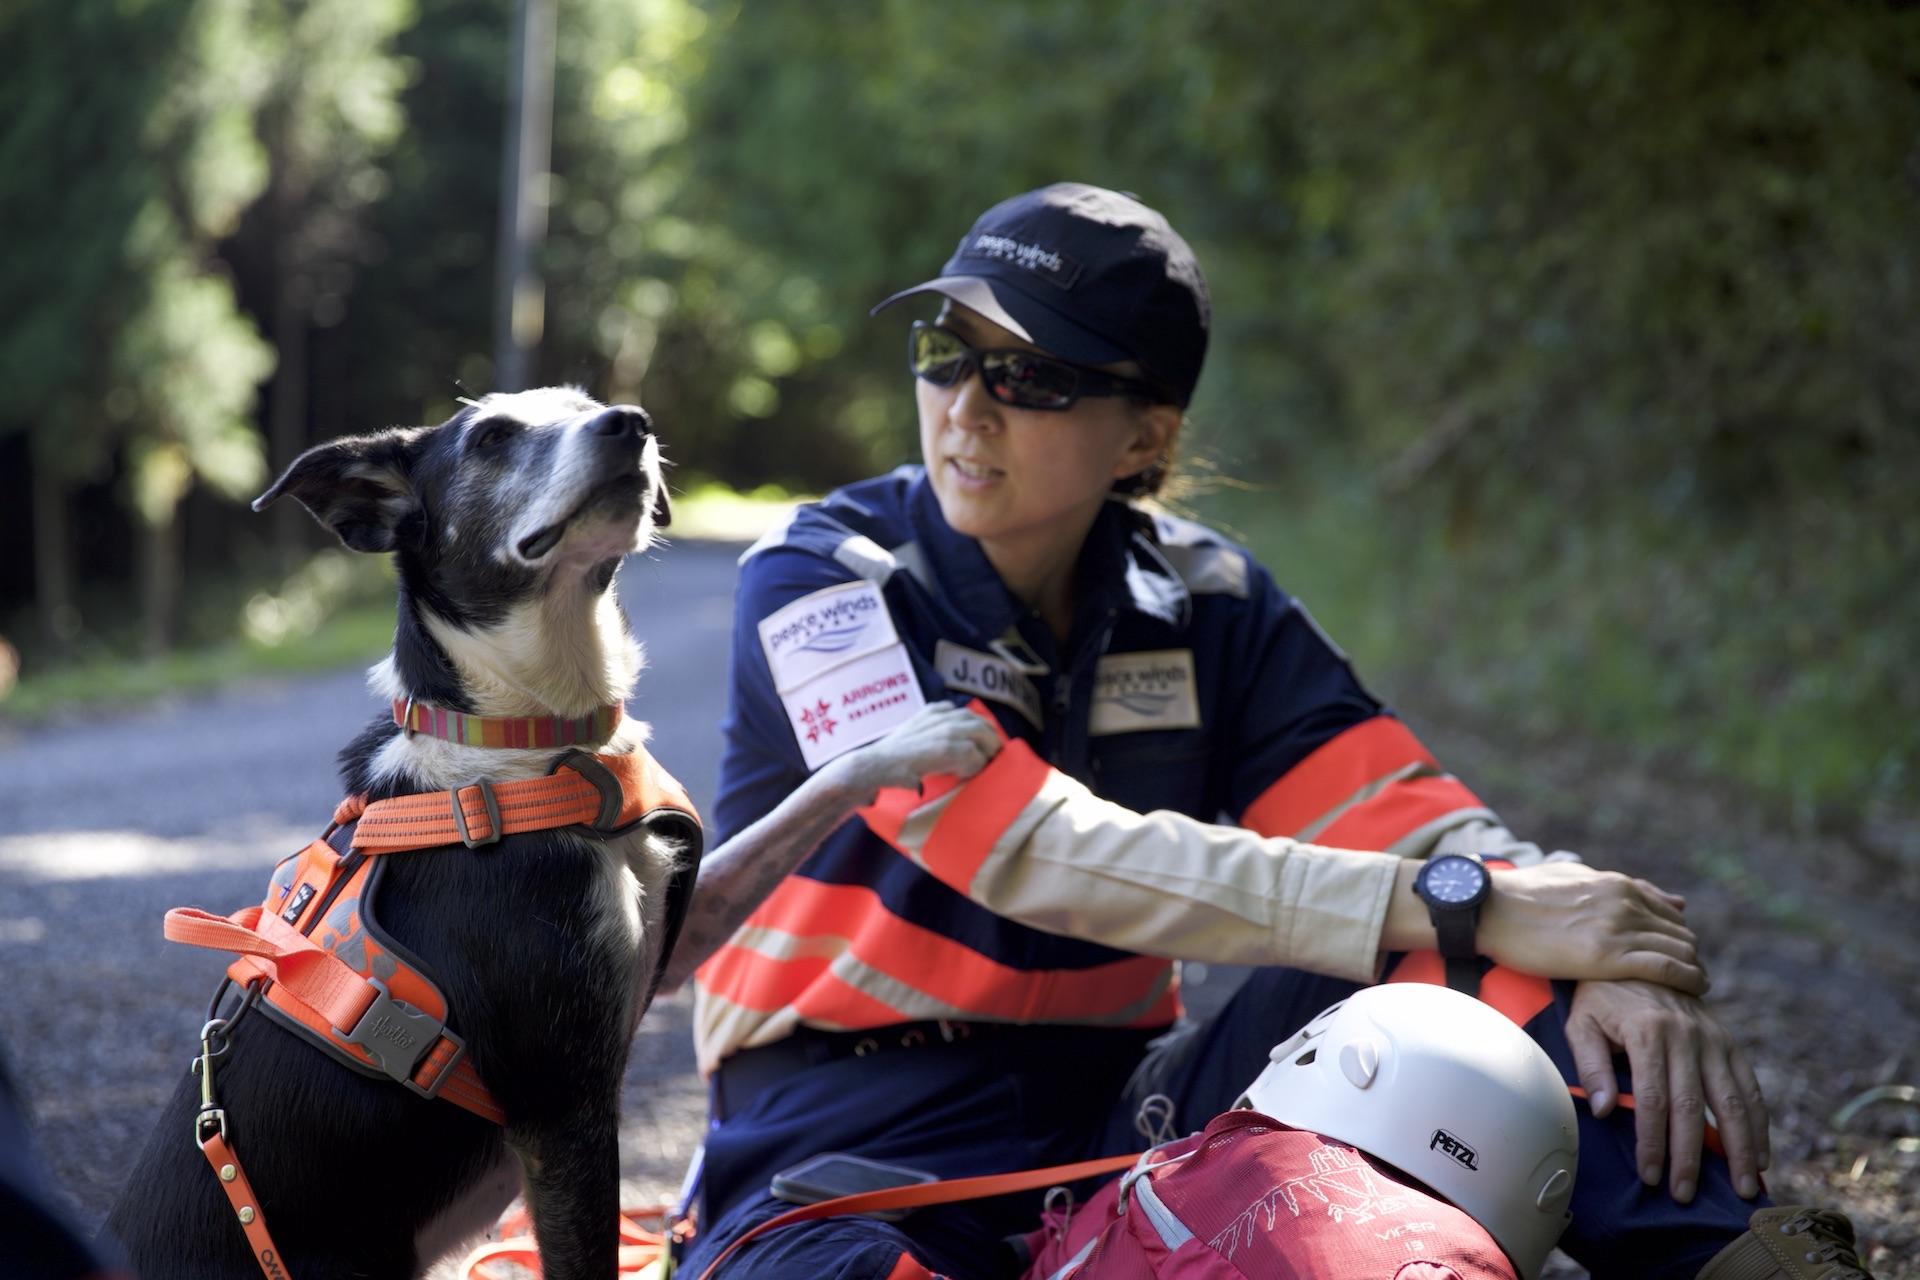 災害救助犬のもう1つの仕事〜1人でも多くの人を救うために〜